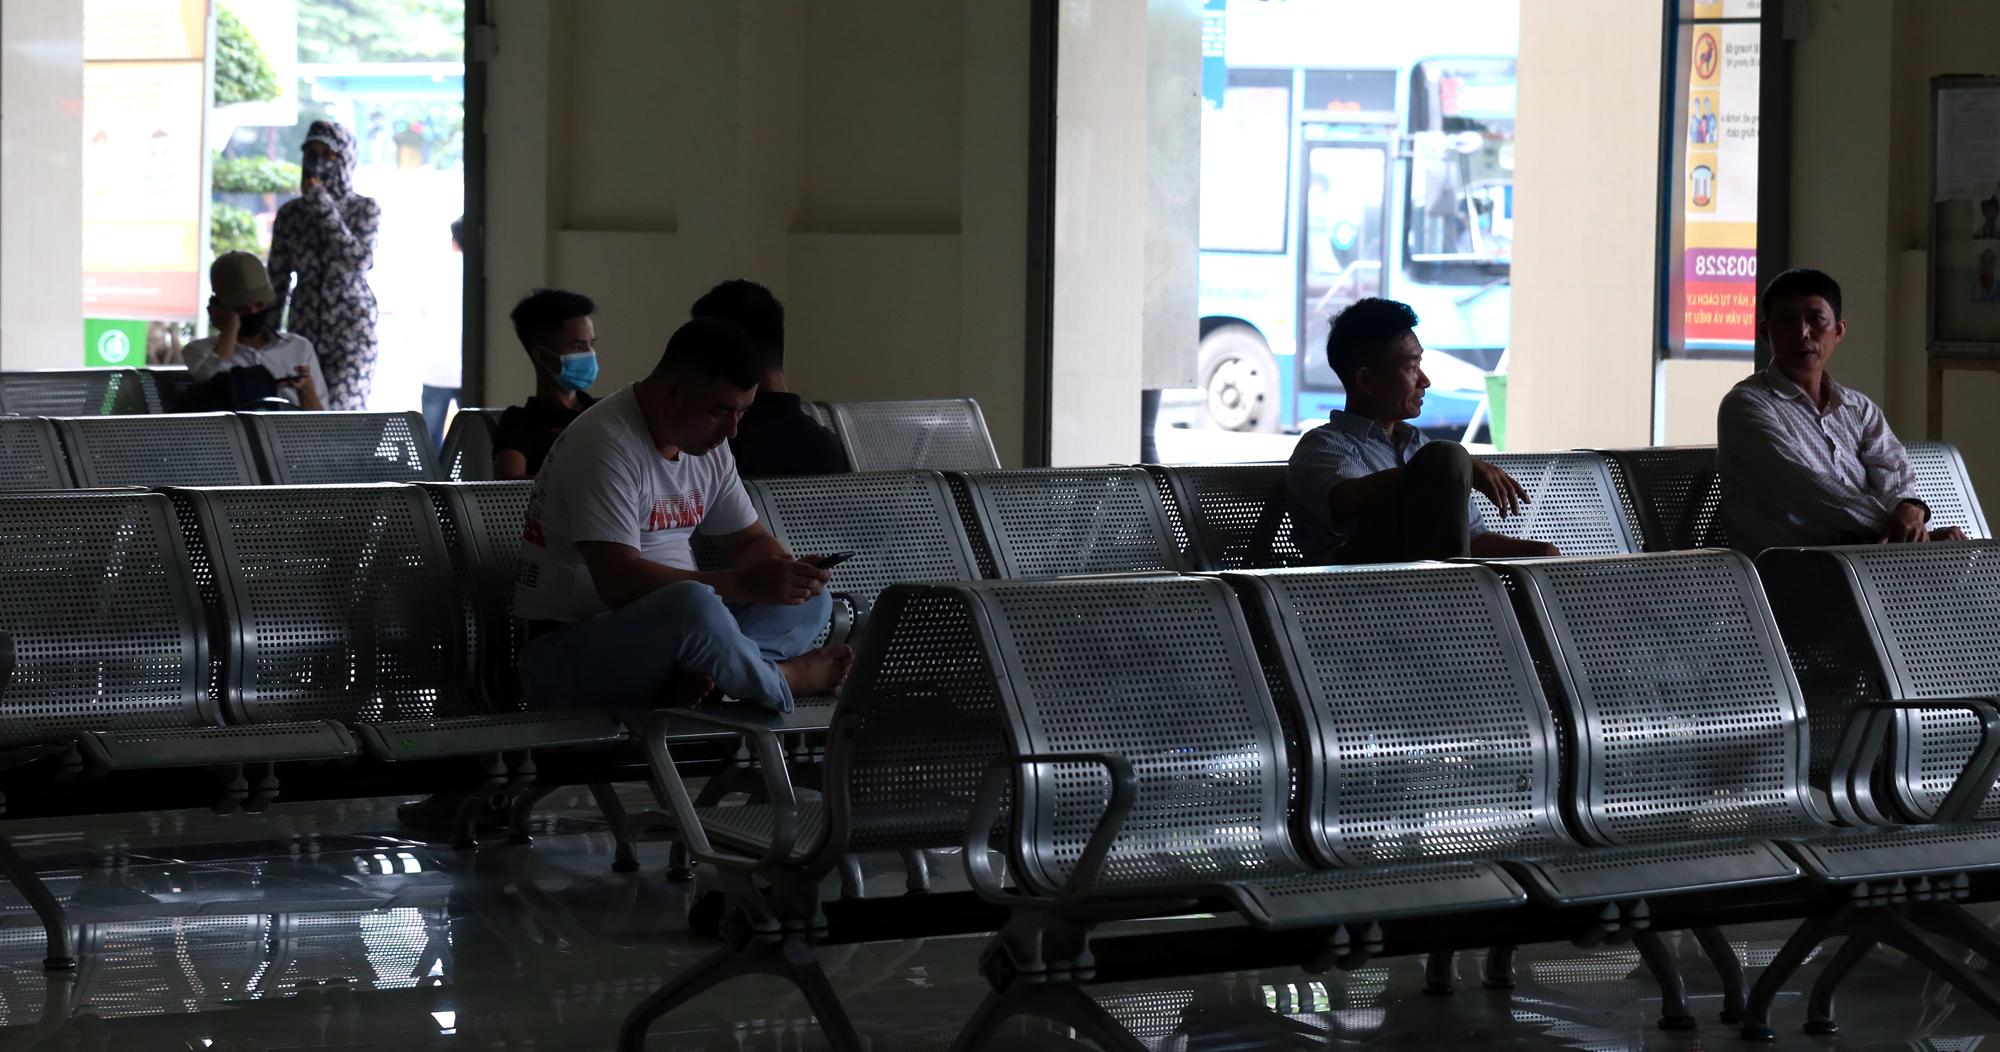 Vận tải khách trở lại bình thường, bến xe ở Hà Nội vẫn vắng vẻ - Ảnh 13.